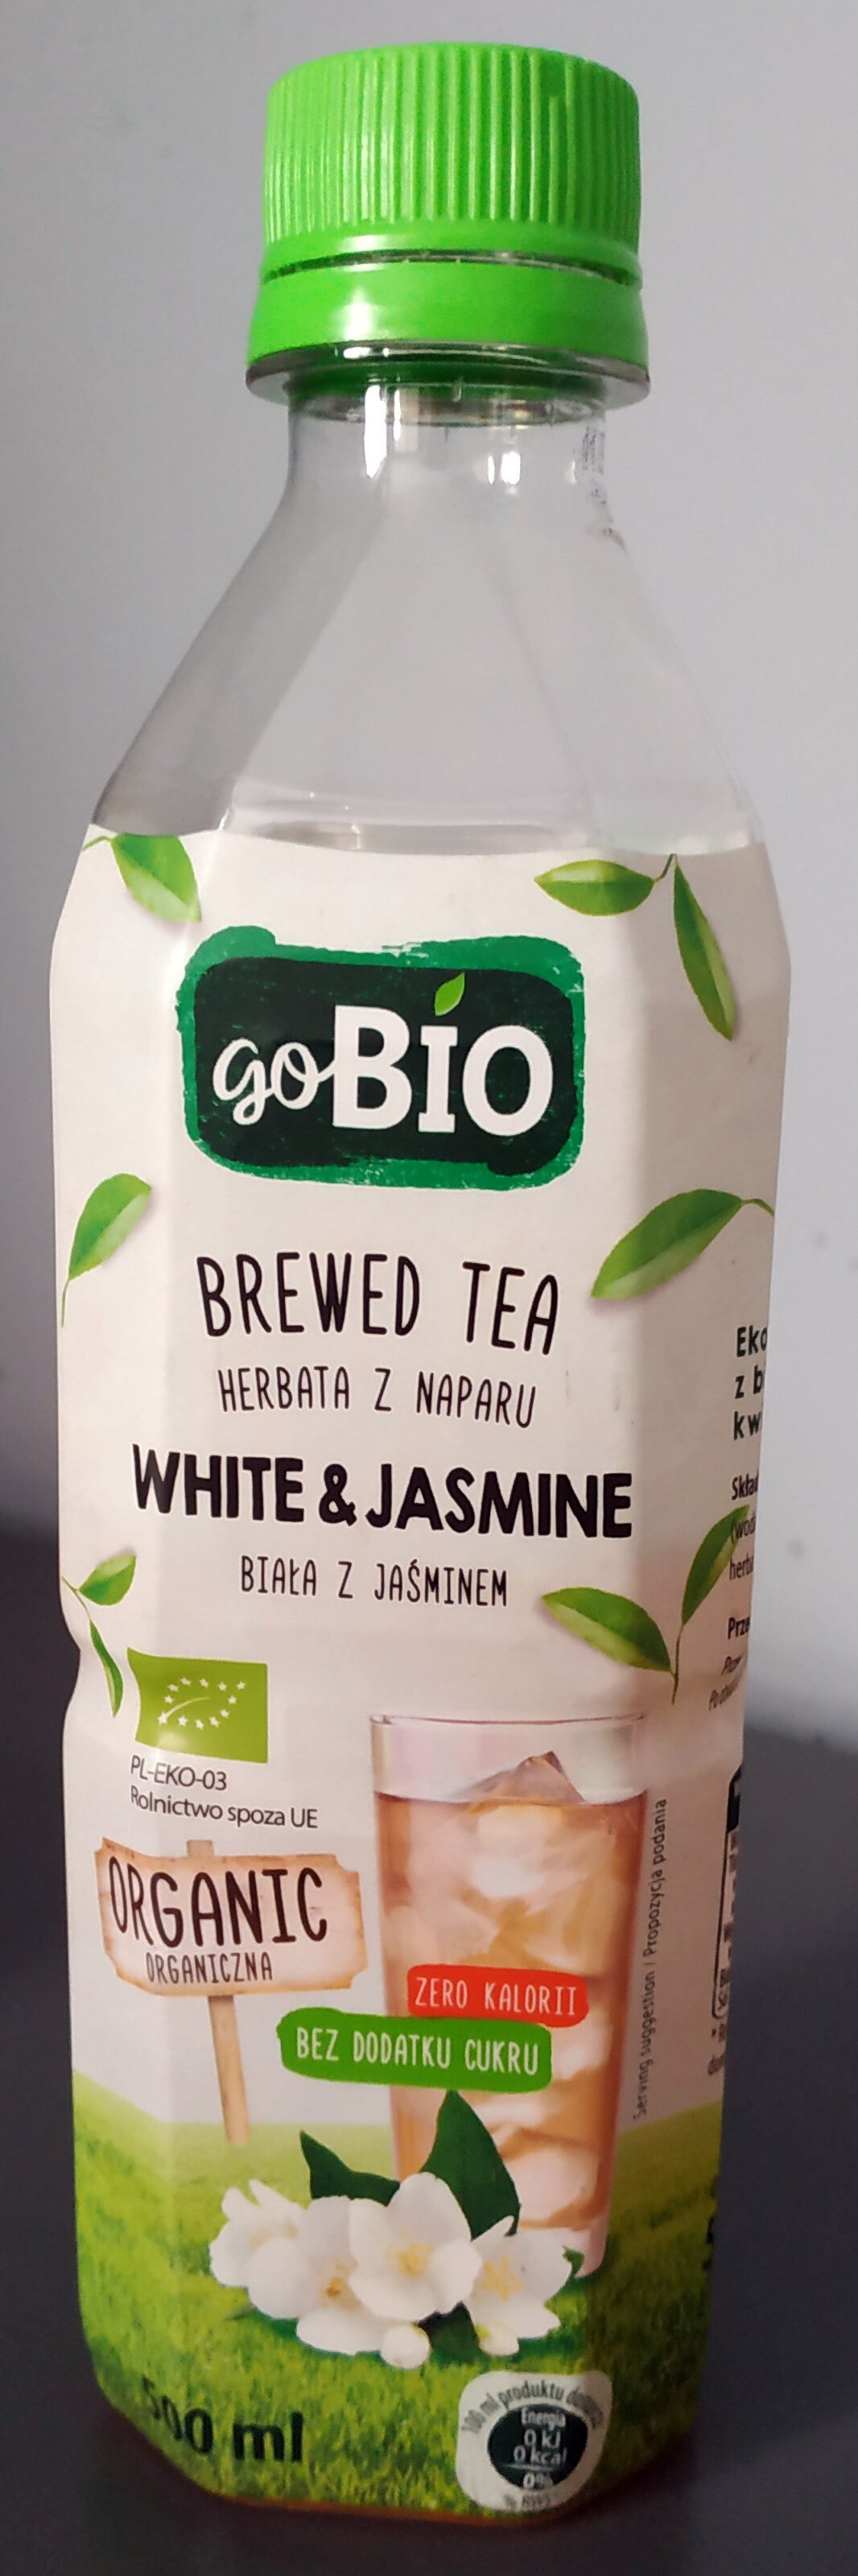 Herbata z naparu biała z jaśminem - Produkt - pl